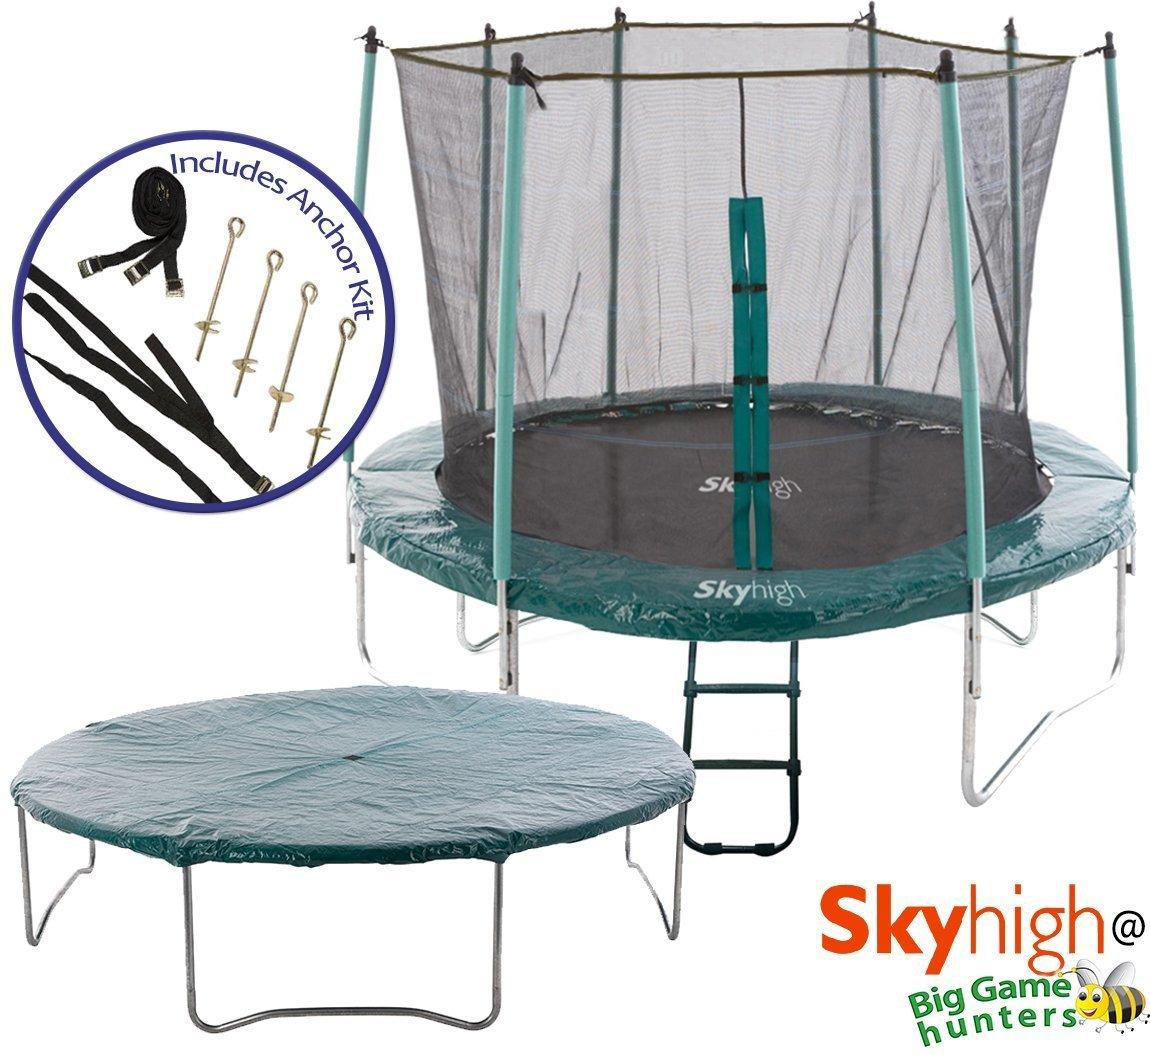 Skyhigh Trampolin mit Sicherheits-Gehäuse, Schutzhülle, Premium-Leiter mit breiter Lauffläche Schritte und Anker-Set bei Böigen Wind günstig kaufen